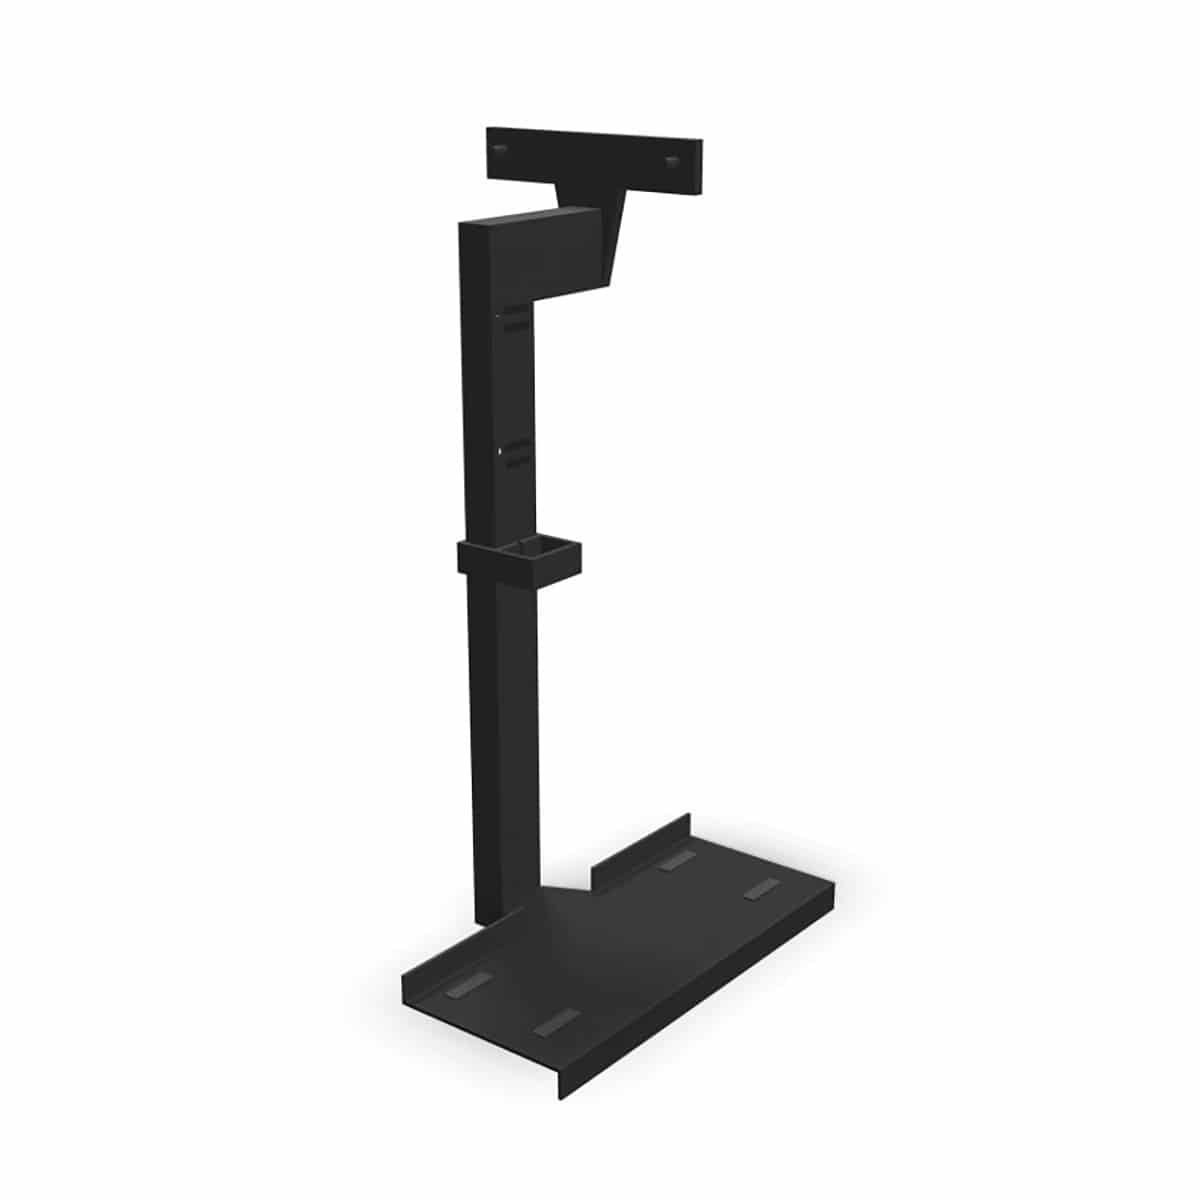 Steelcase FLEX COLLECTION PC-Halterung für höhenverstellbare Schreibtische